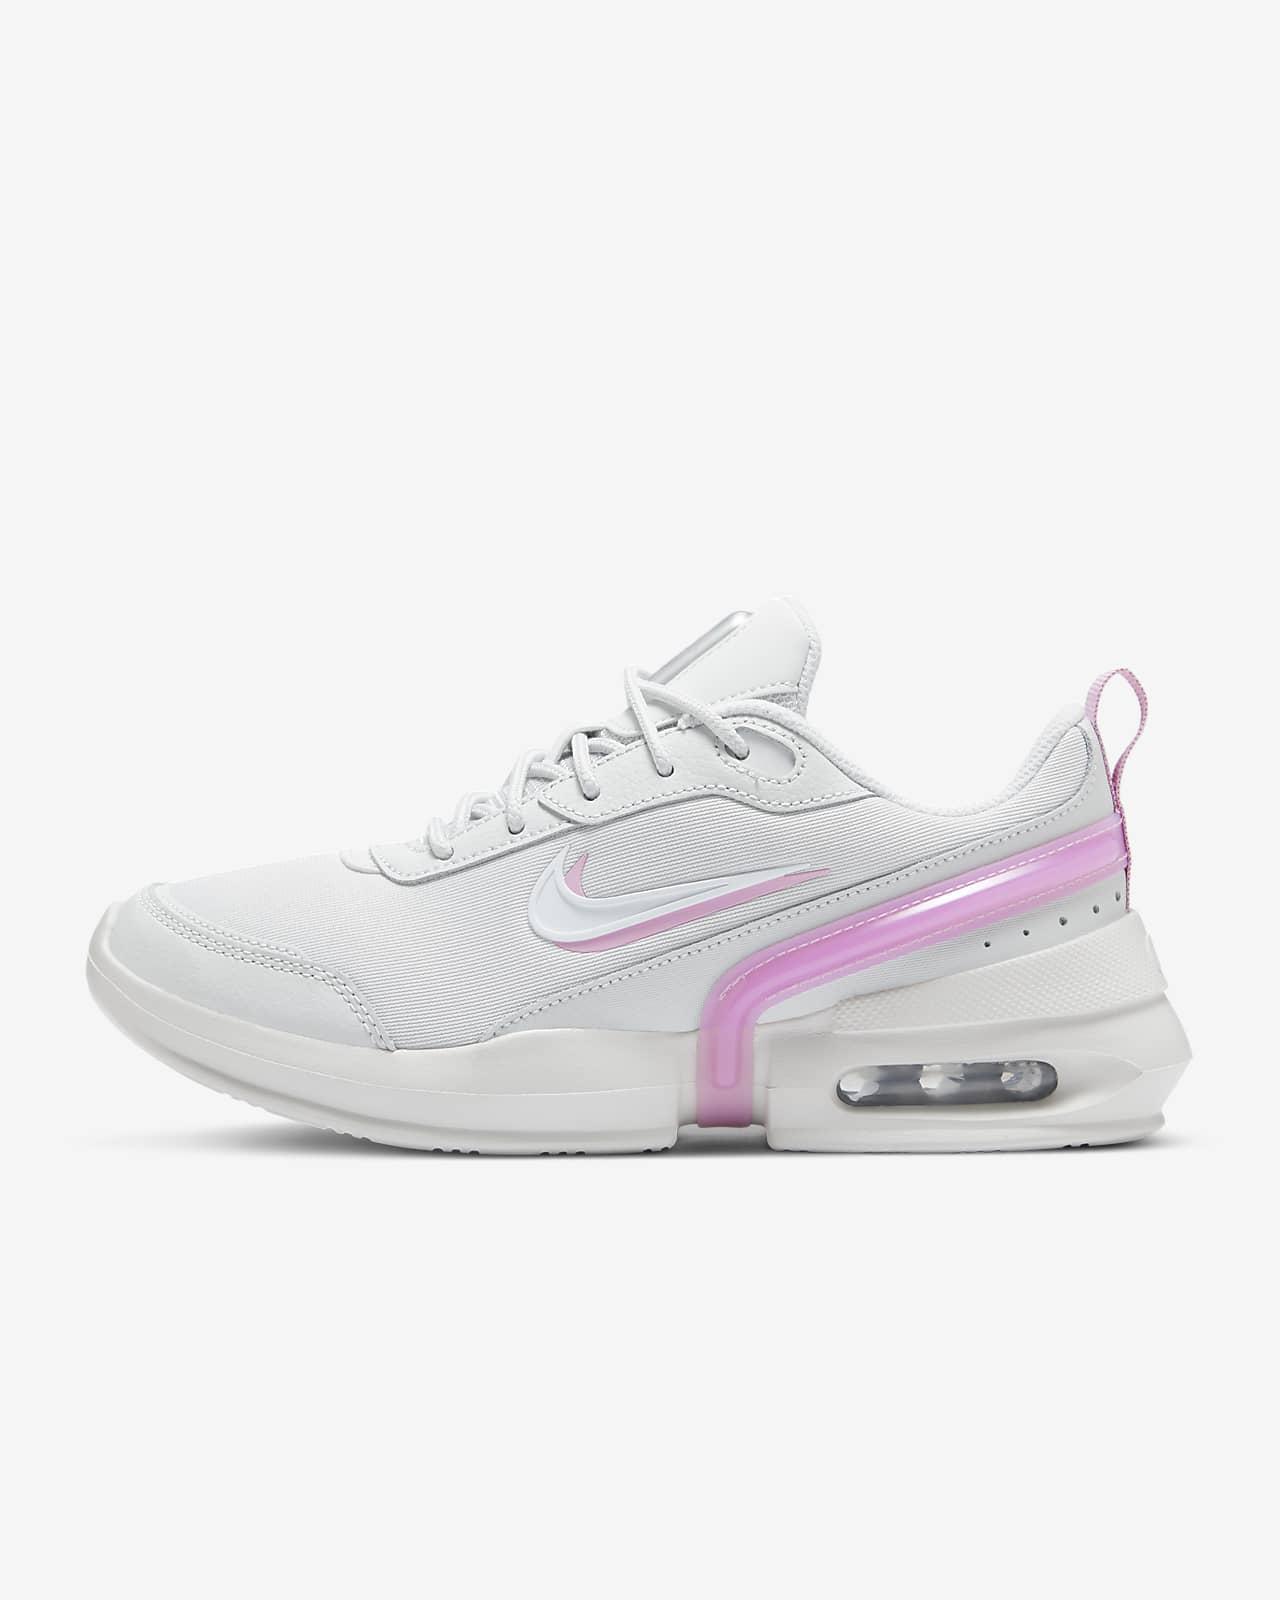 Nike Air Max Siren 女鞋